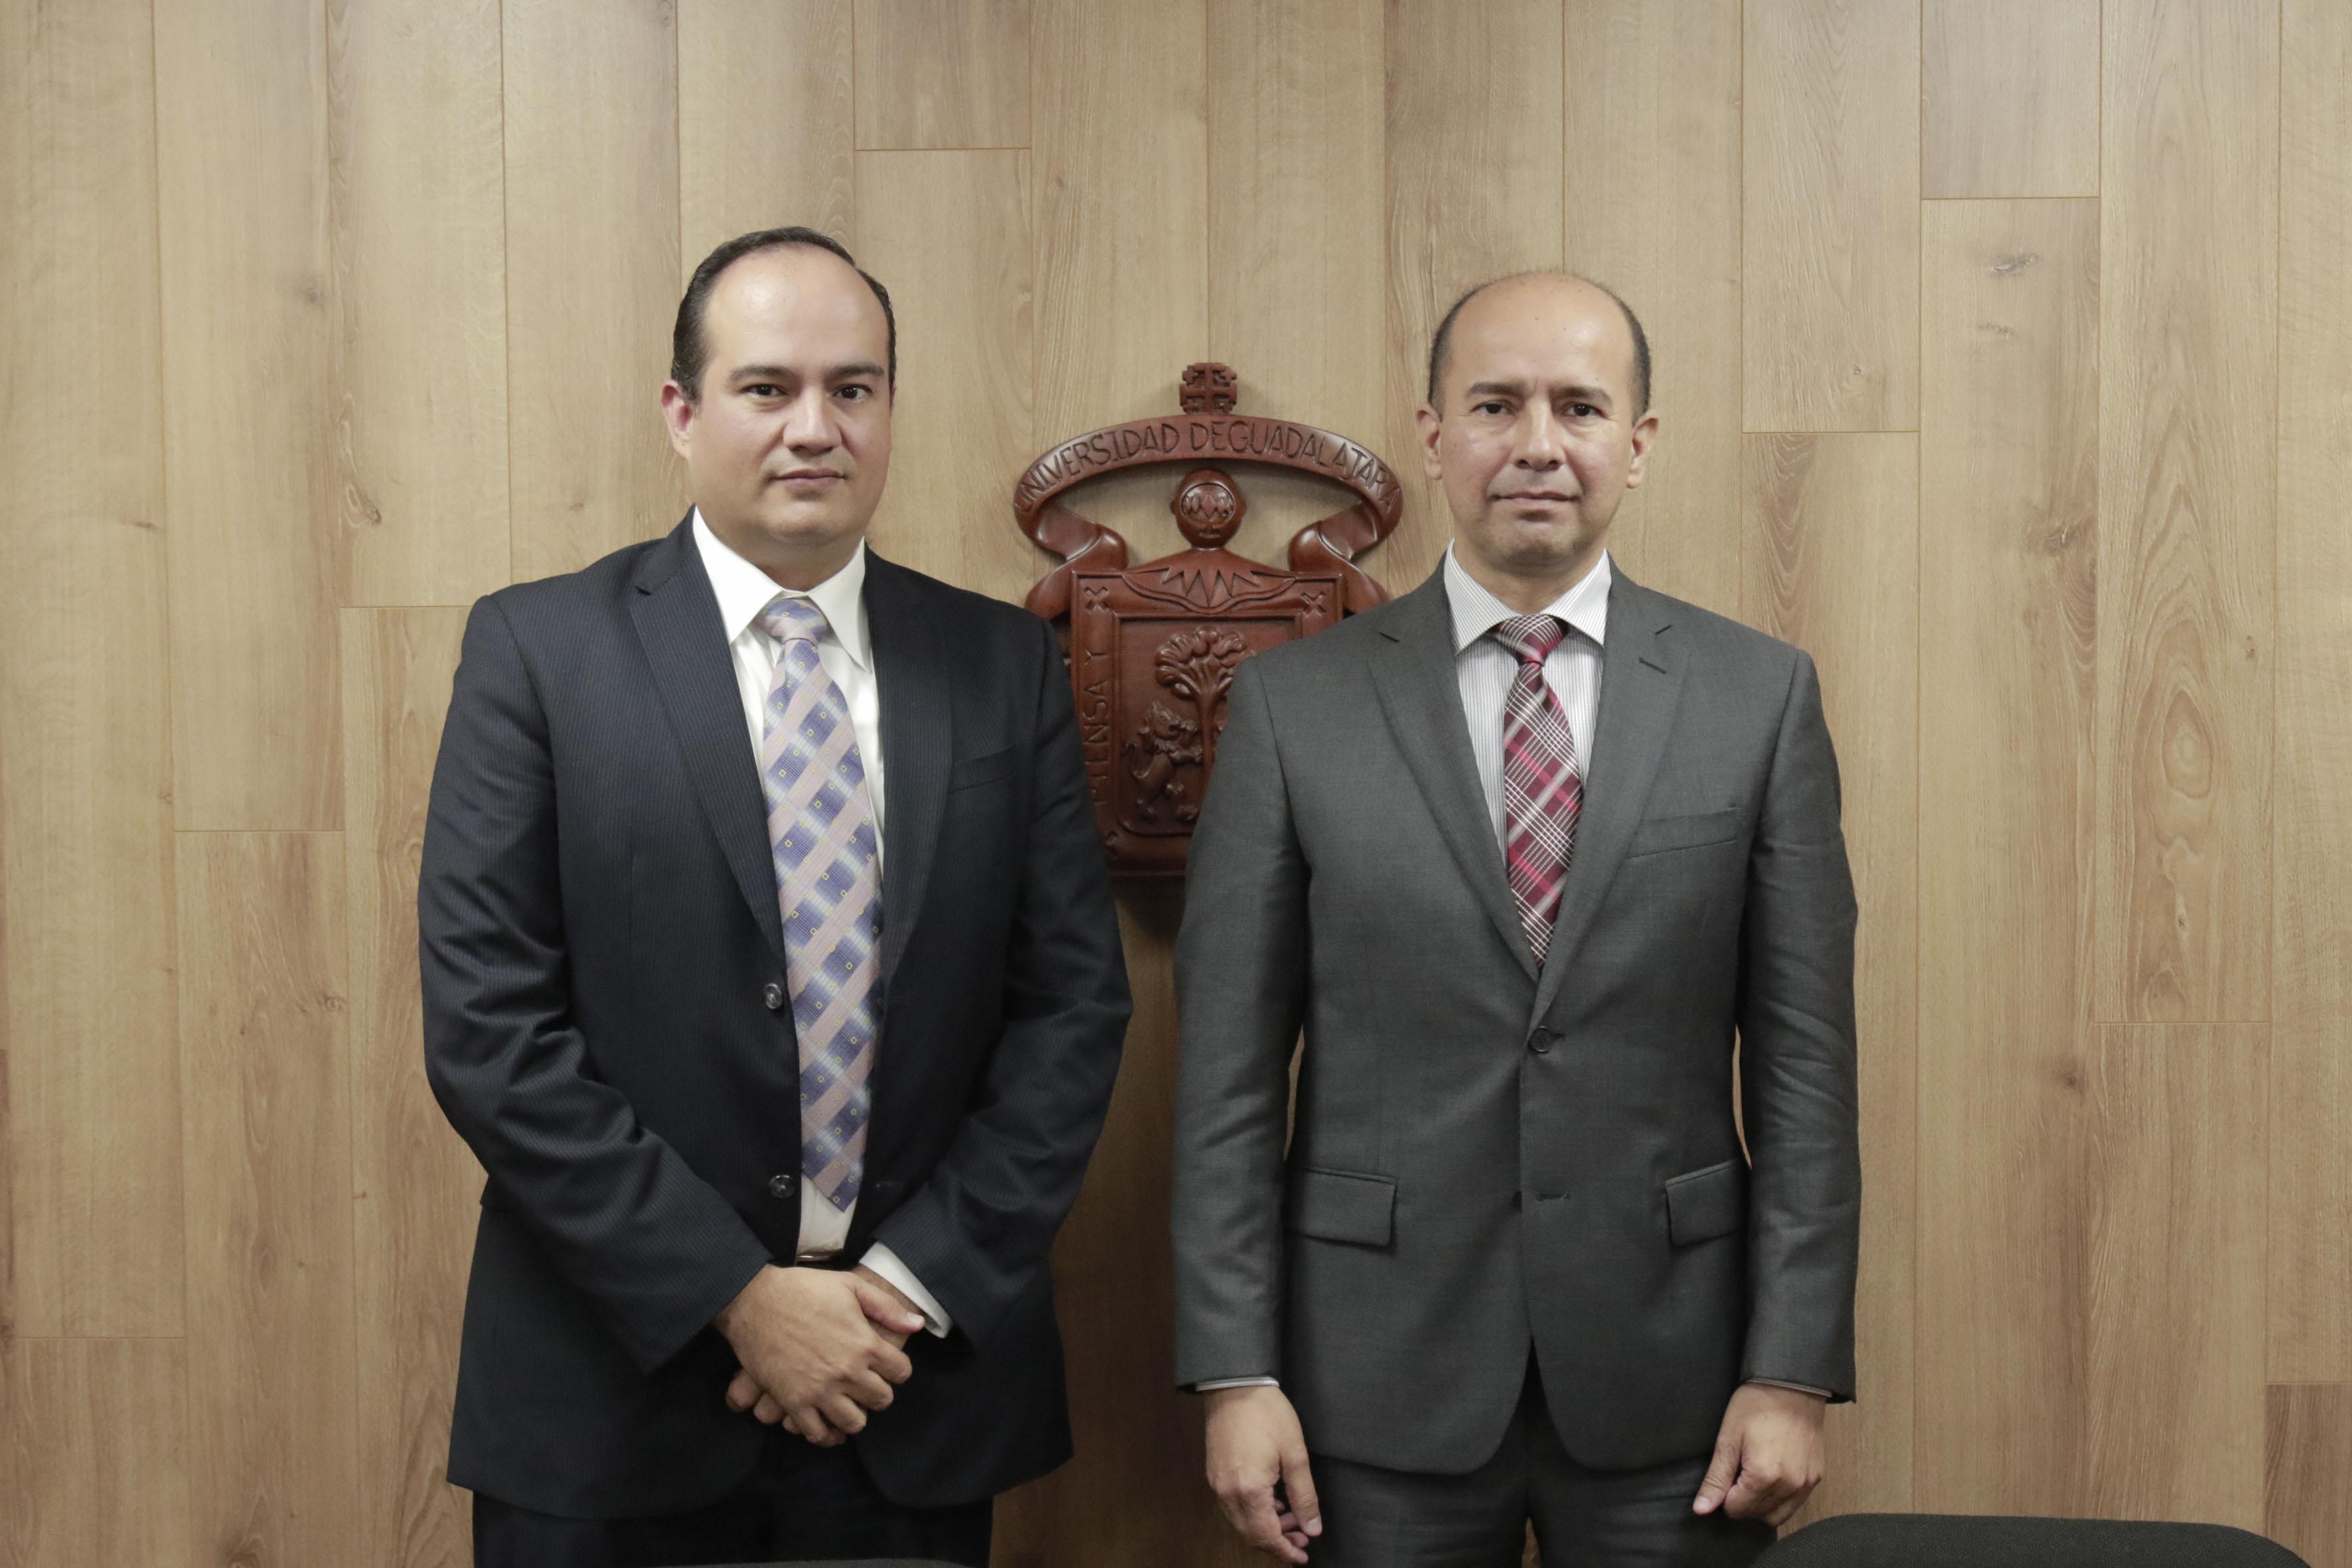 Maestro Luis Fernando Ramírez Anaya y maestro Ernesto Mena Hernández, académicos de UDGVirtual, participando en conferencia de prensa.